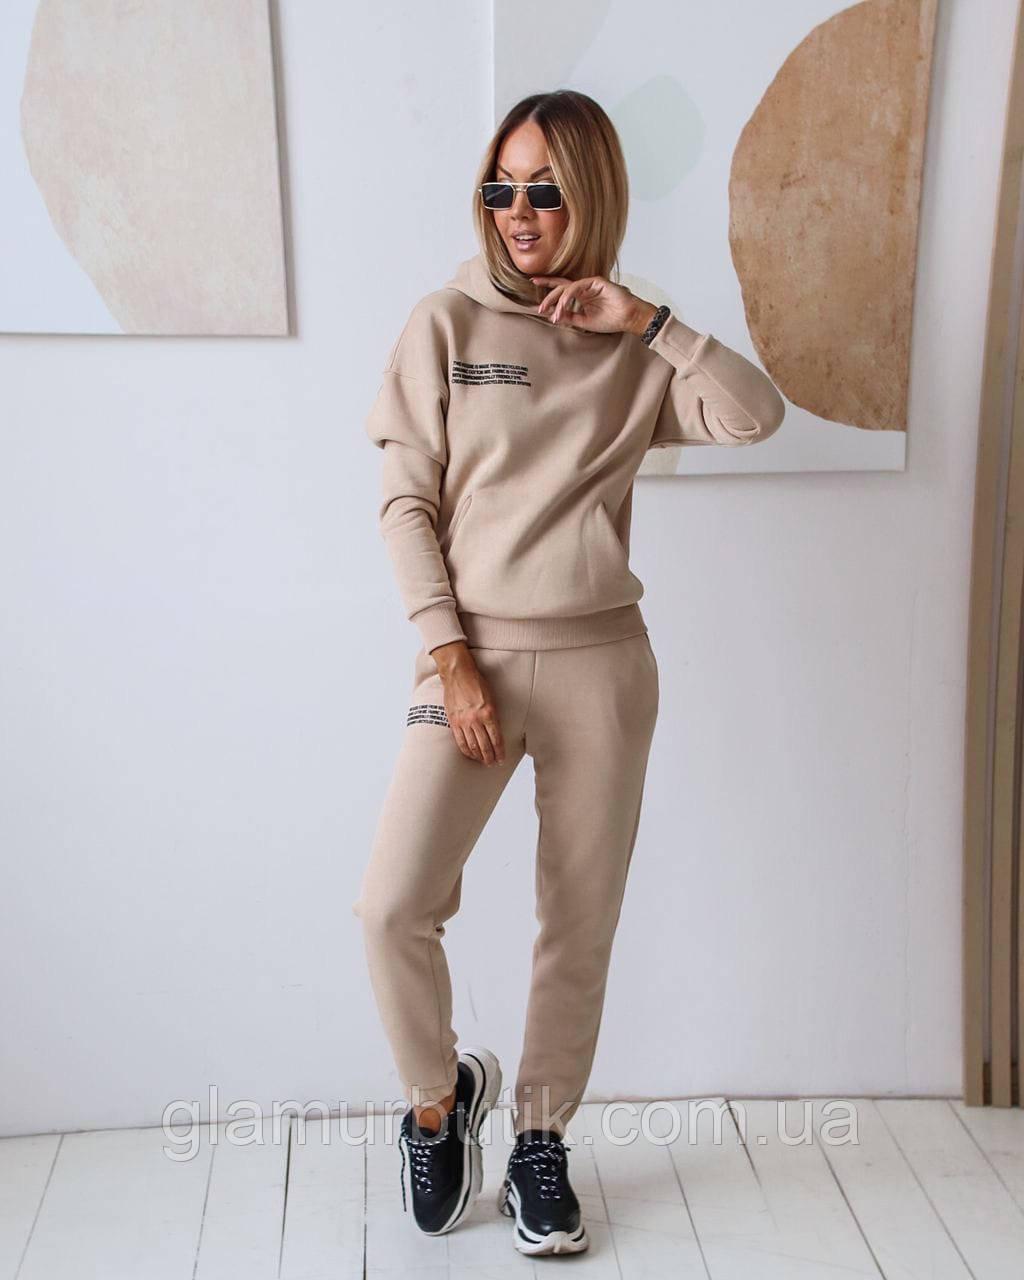 Теплий спортивний костюм жіночий з написами штани і кофта з капюшоном бежевий 42-44 46-48 50-52